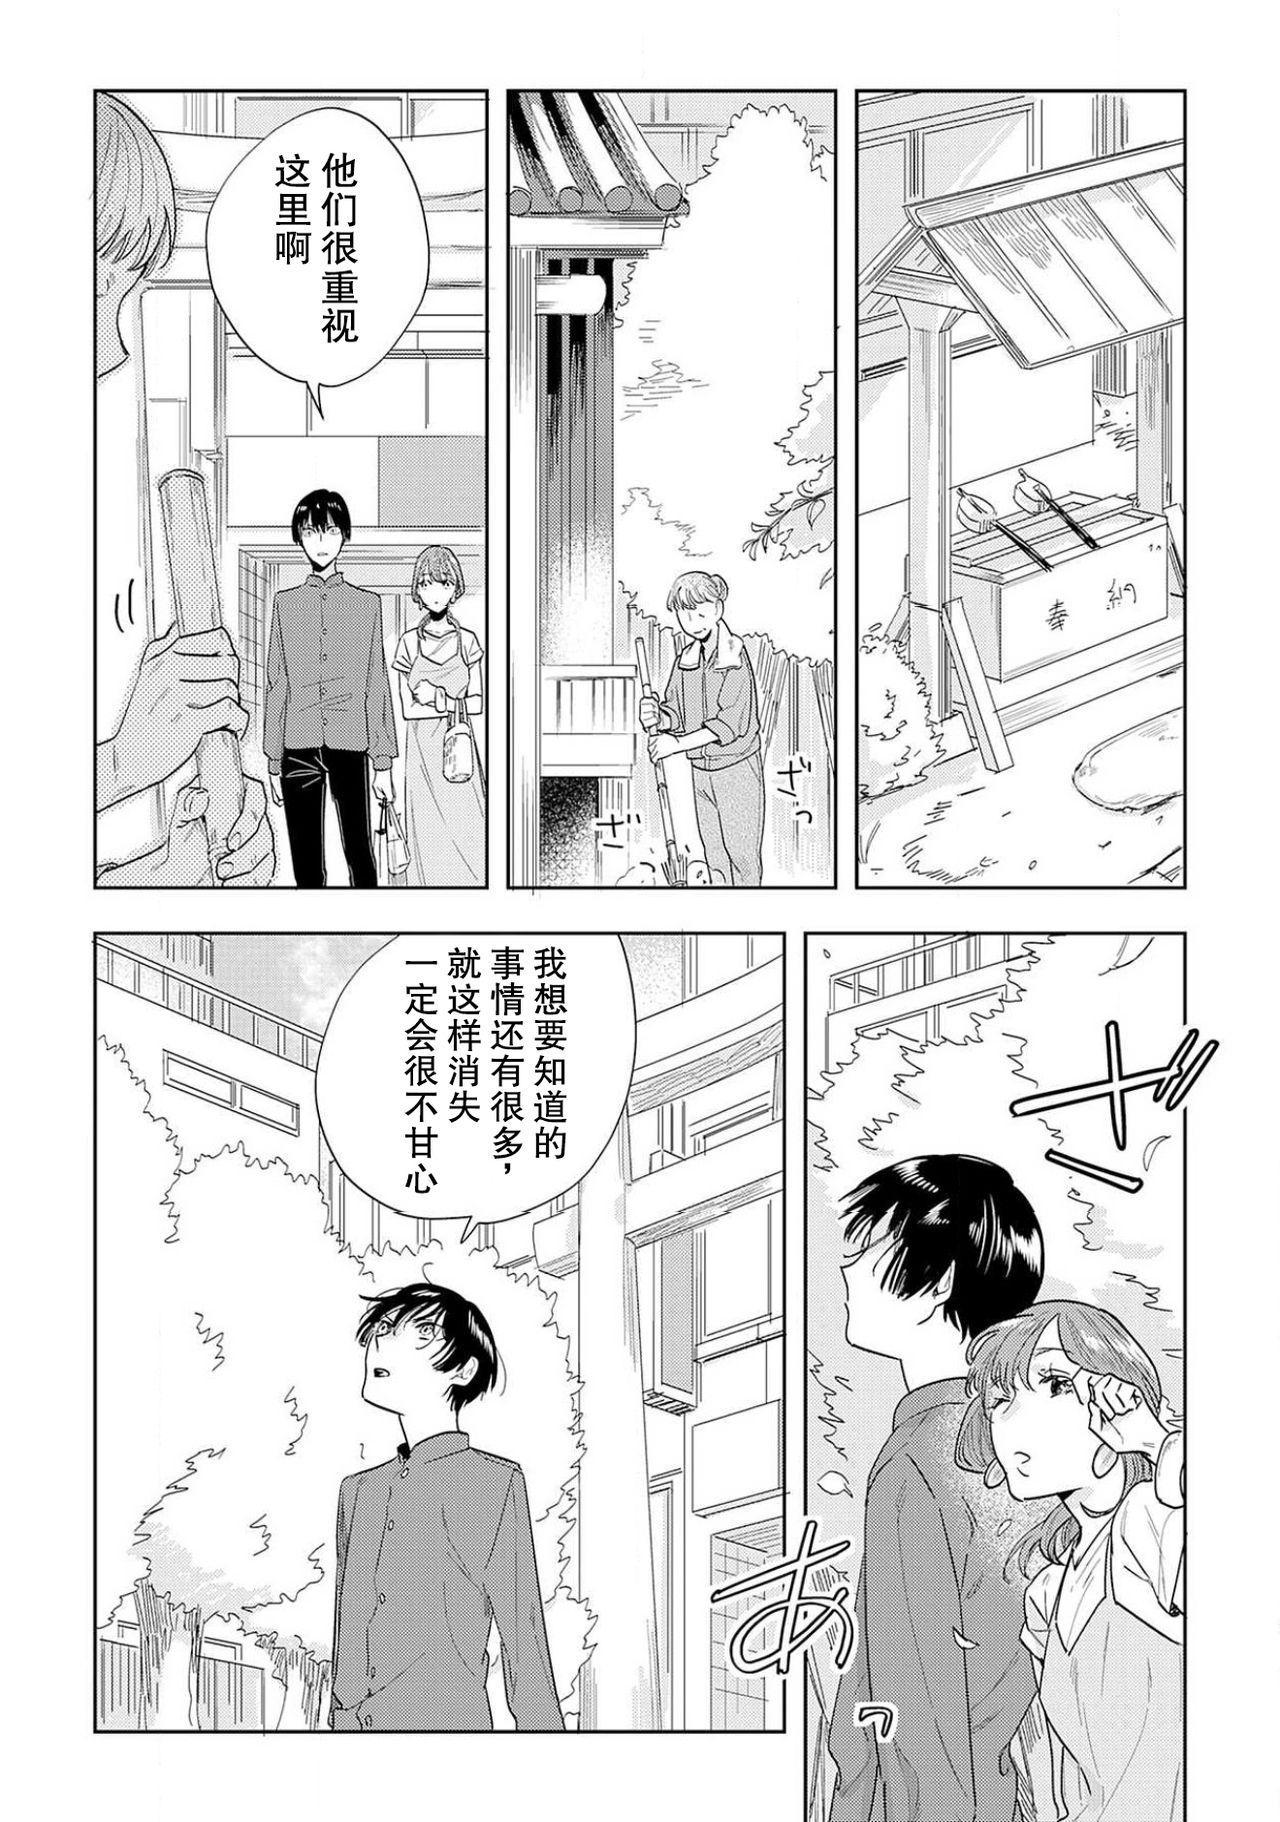 [Hachikawa Kyuu] Kami-sama to Ikenie H Keiyaku Shichaimashita | 我与神明大人签订了祭品H契约 1-3 [Chinese] [莉赛特汉化组] 66